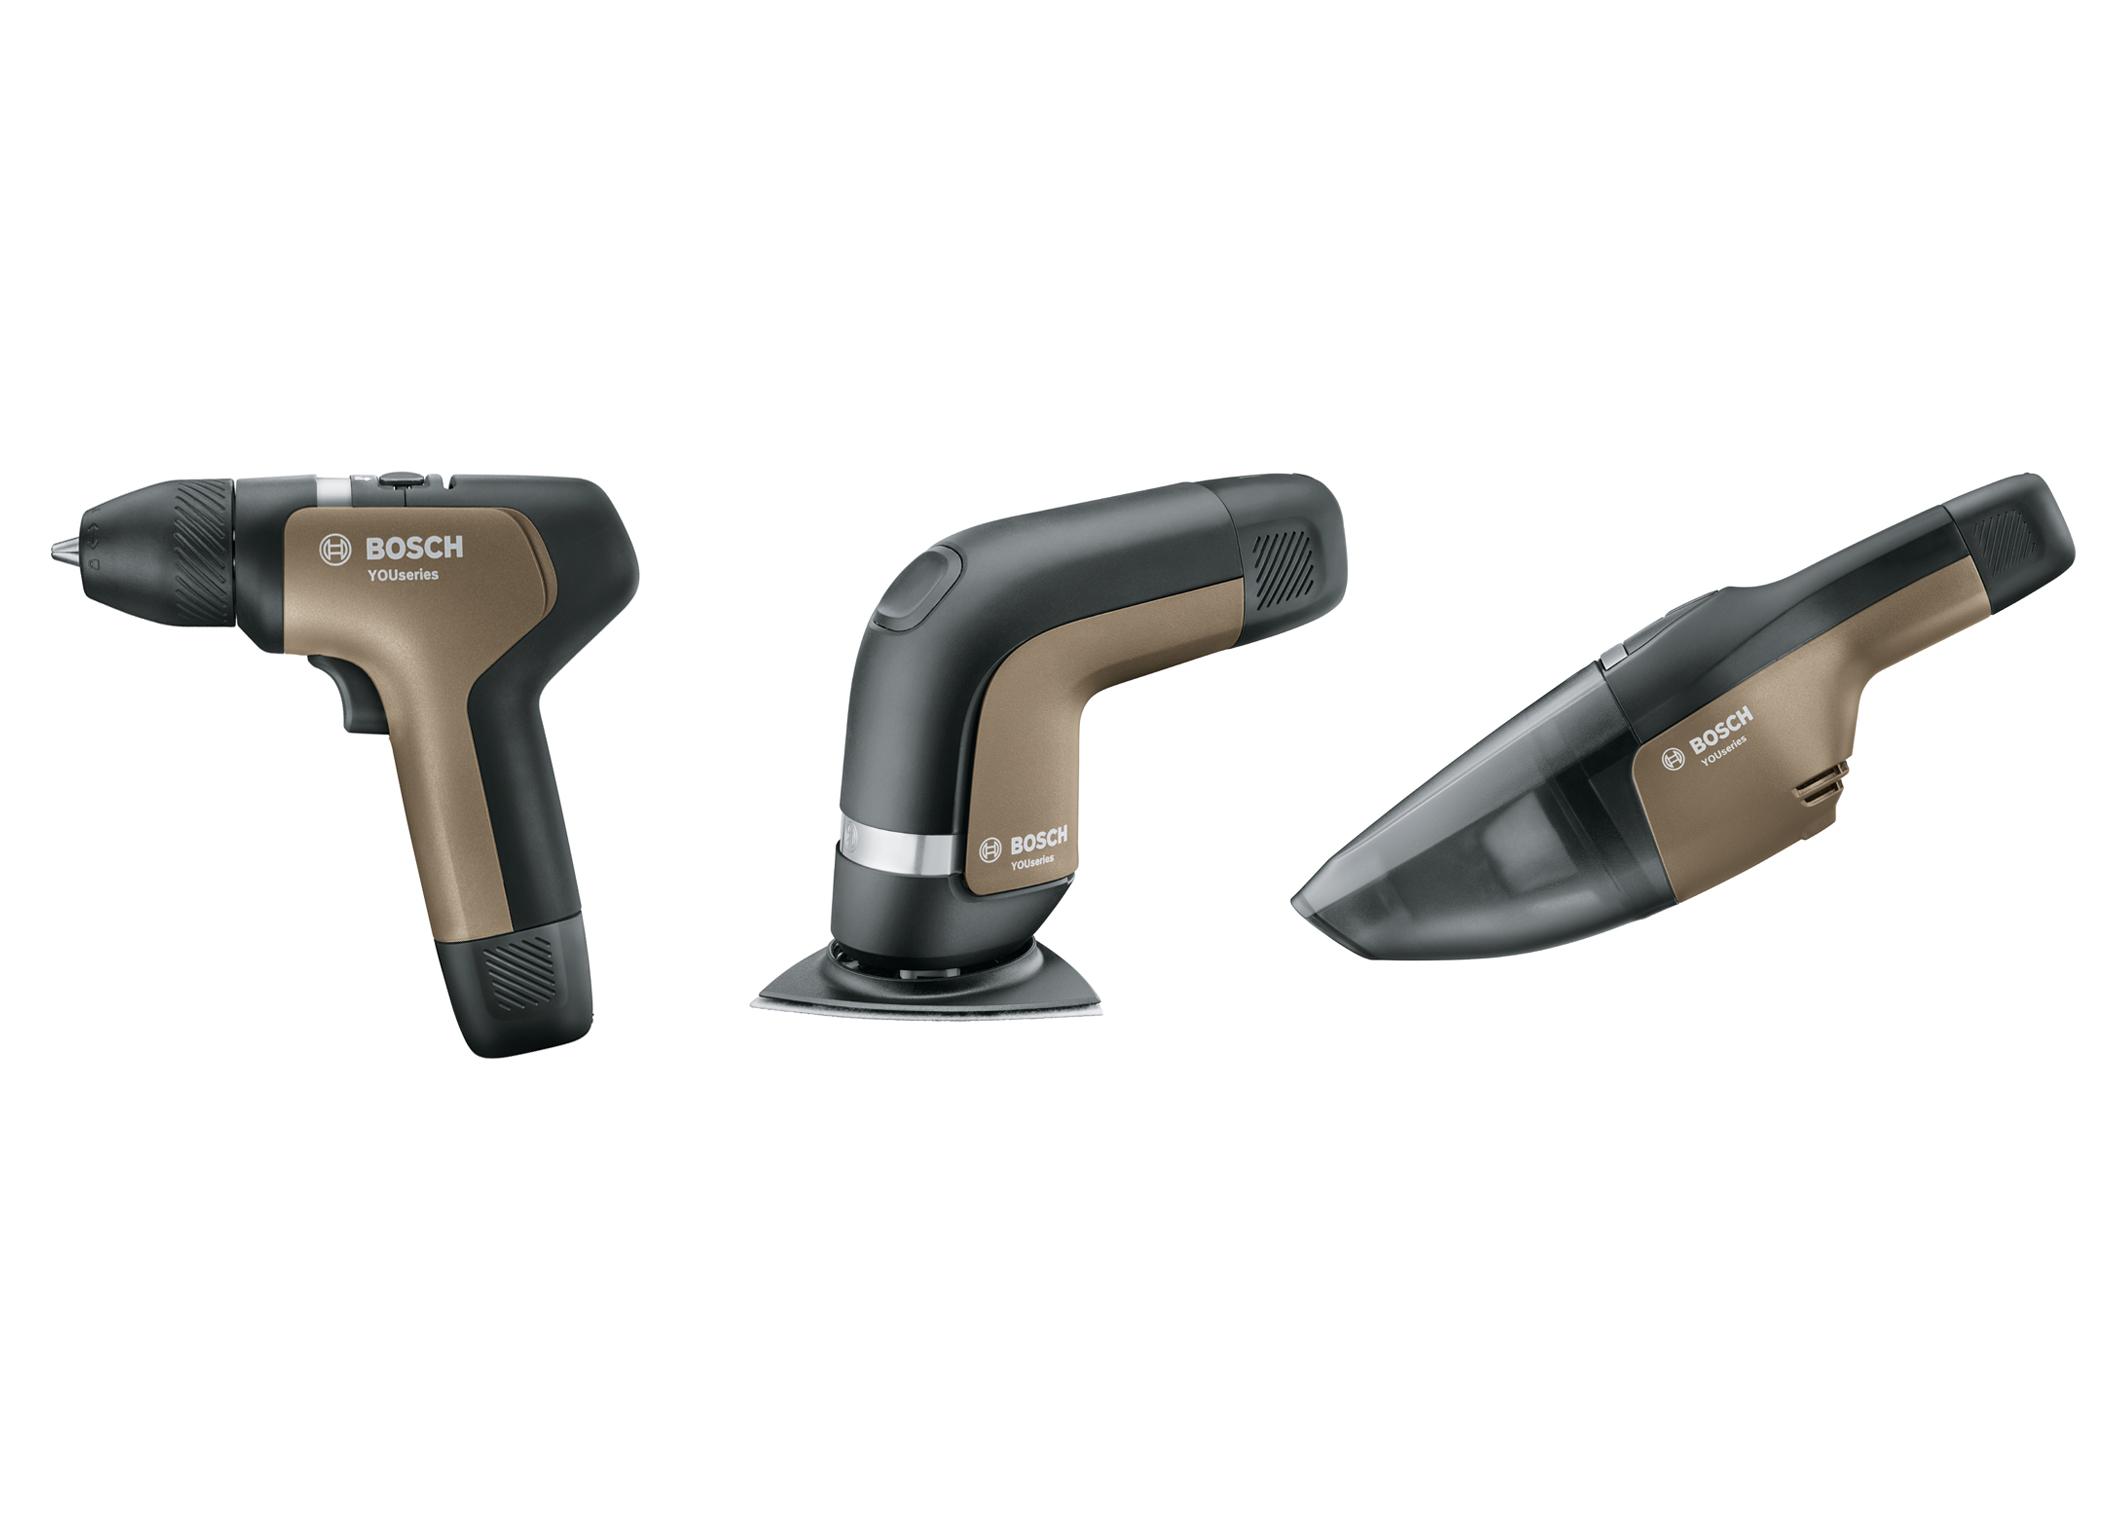 Prvá svetová YOUseries od Bosch pre domácich majstrov